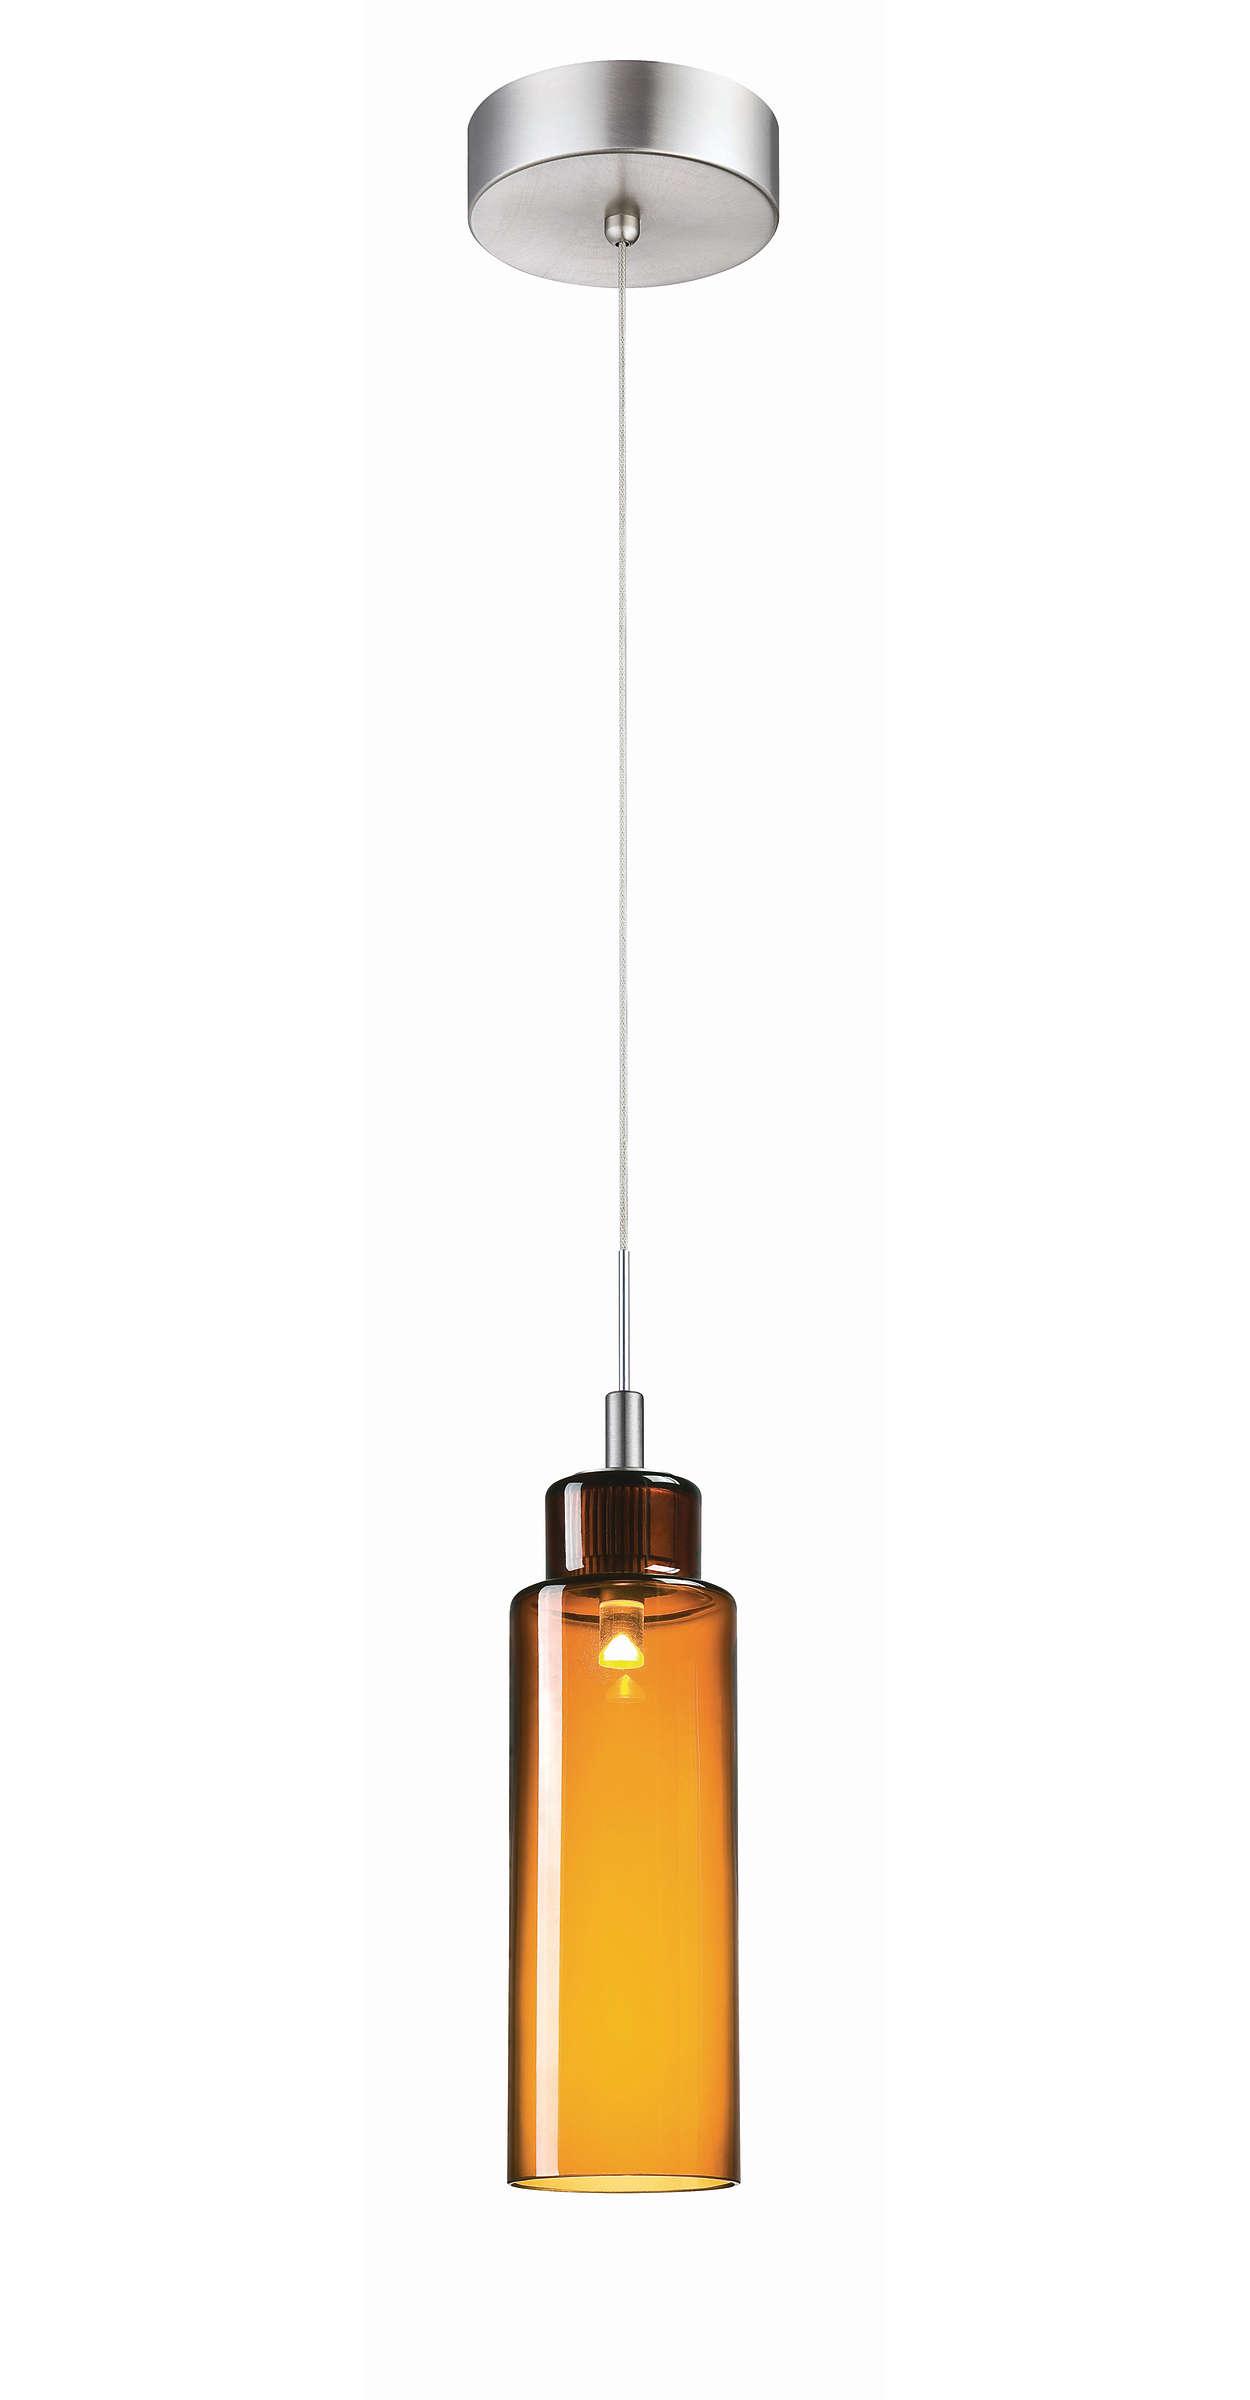 Suspensión LED de una luz Harmonize, acabado de níquel satinado